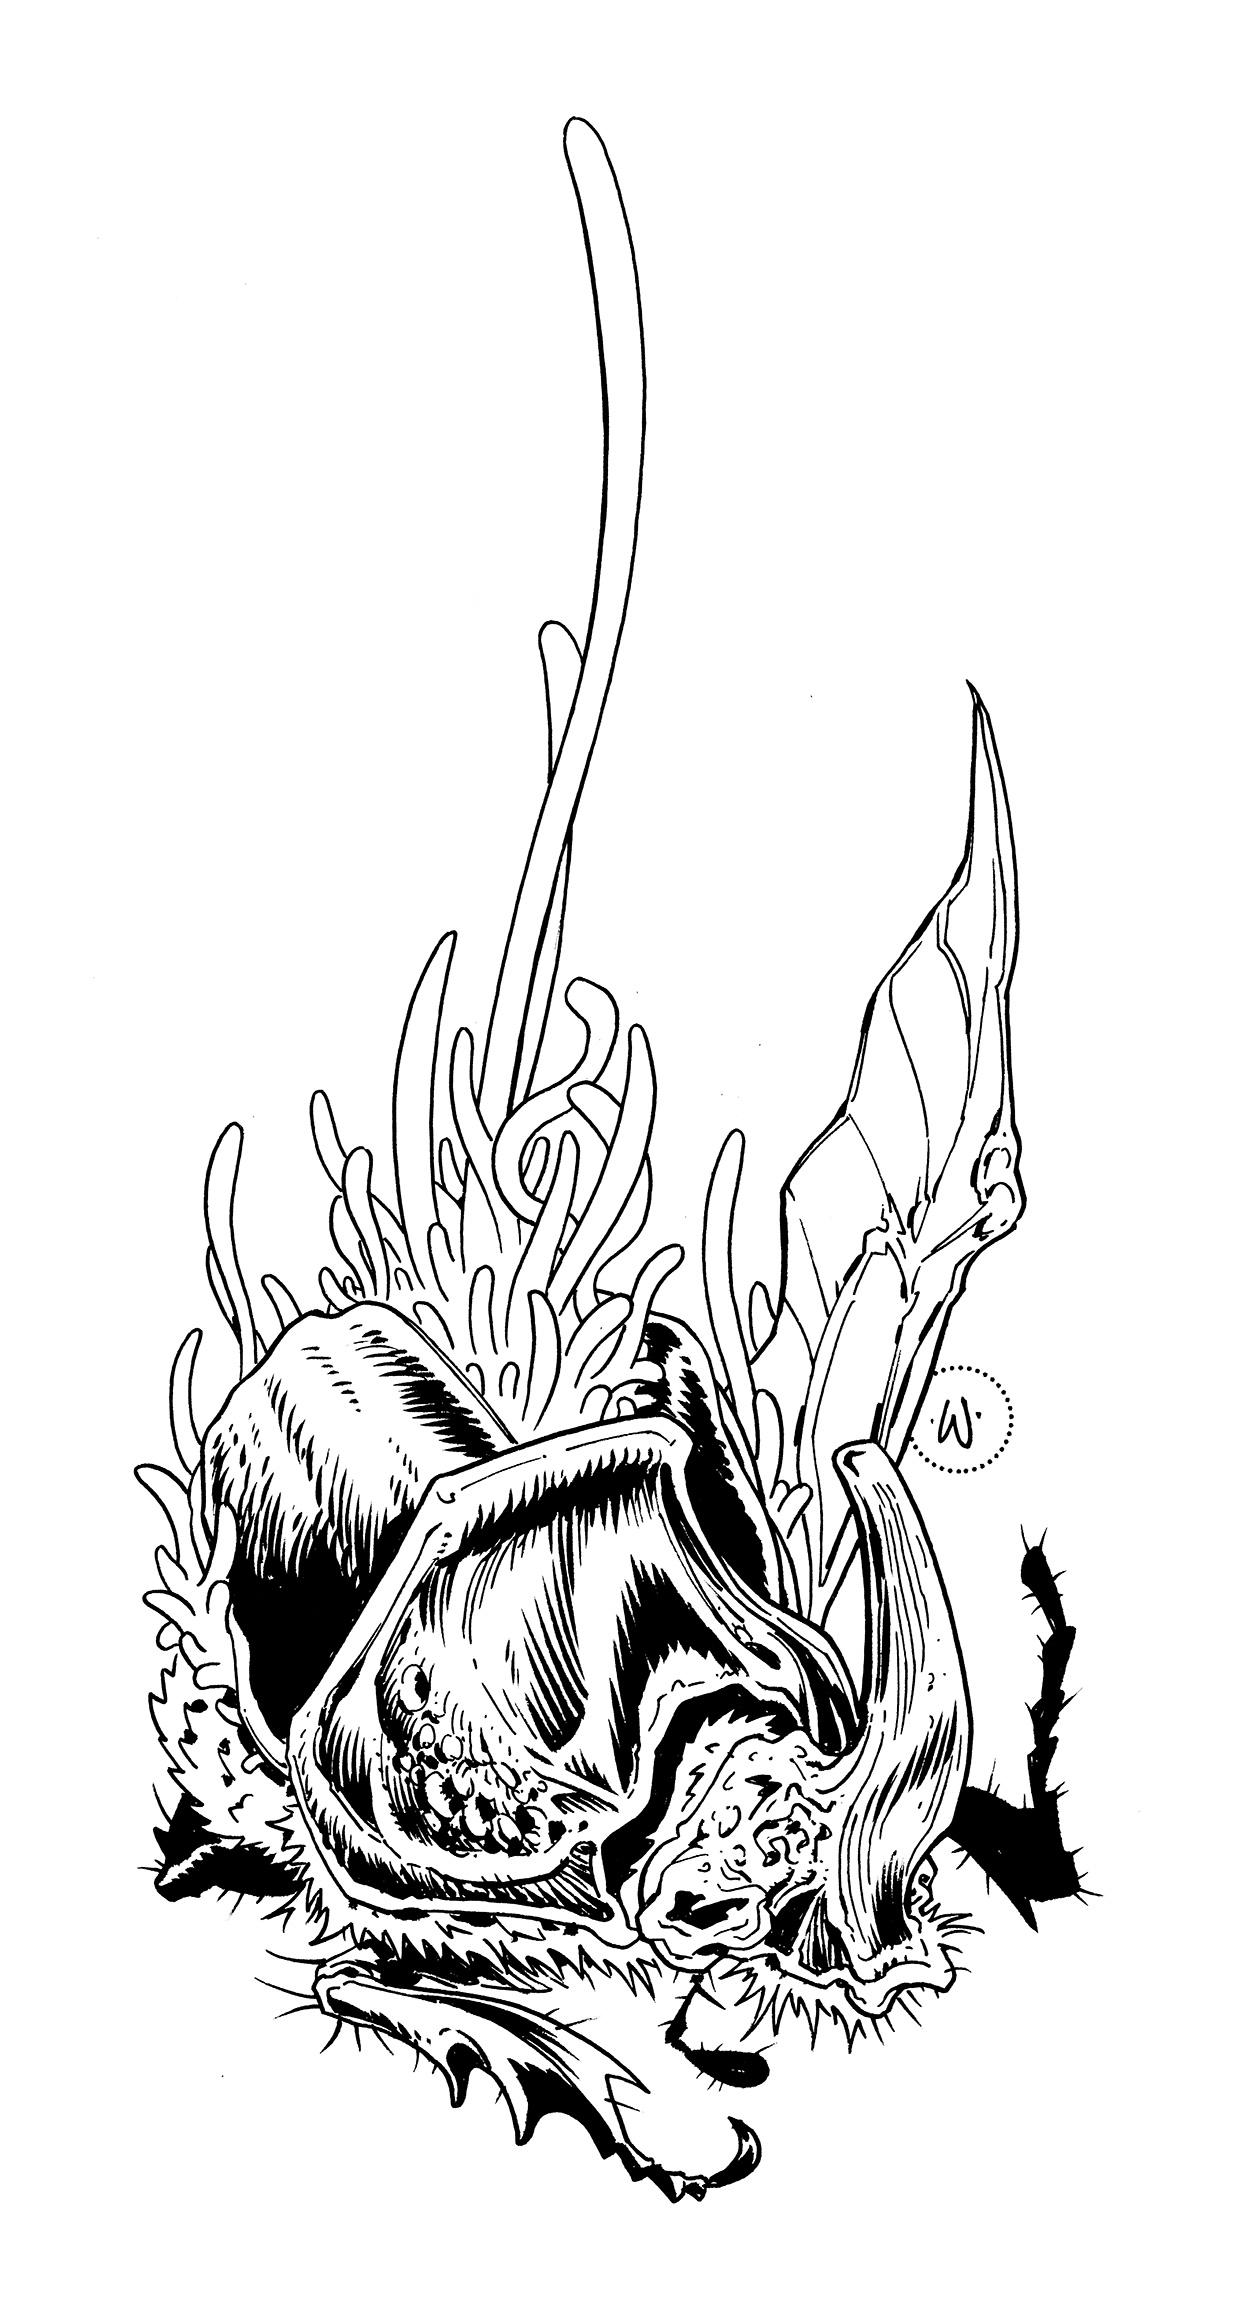 Rhino_Beetle_Inks.jpg